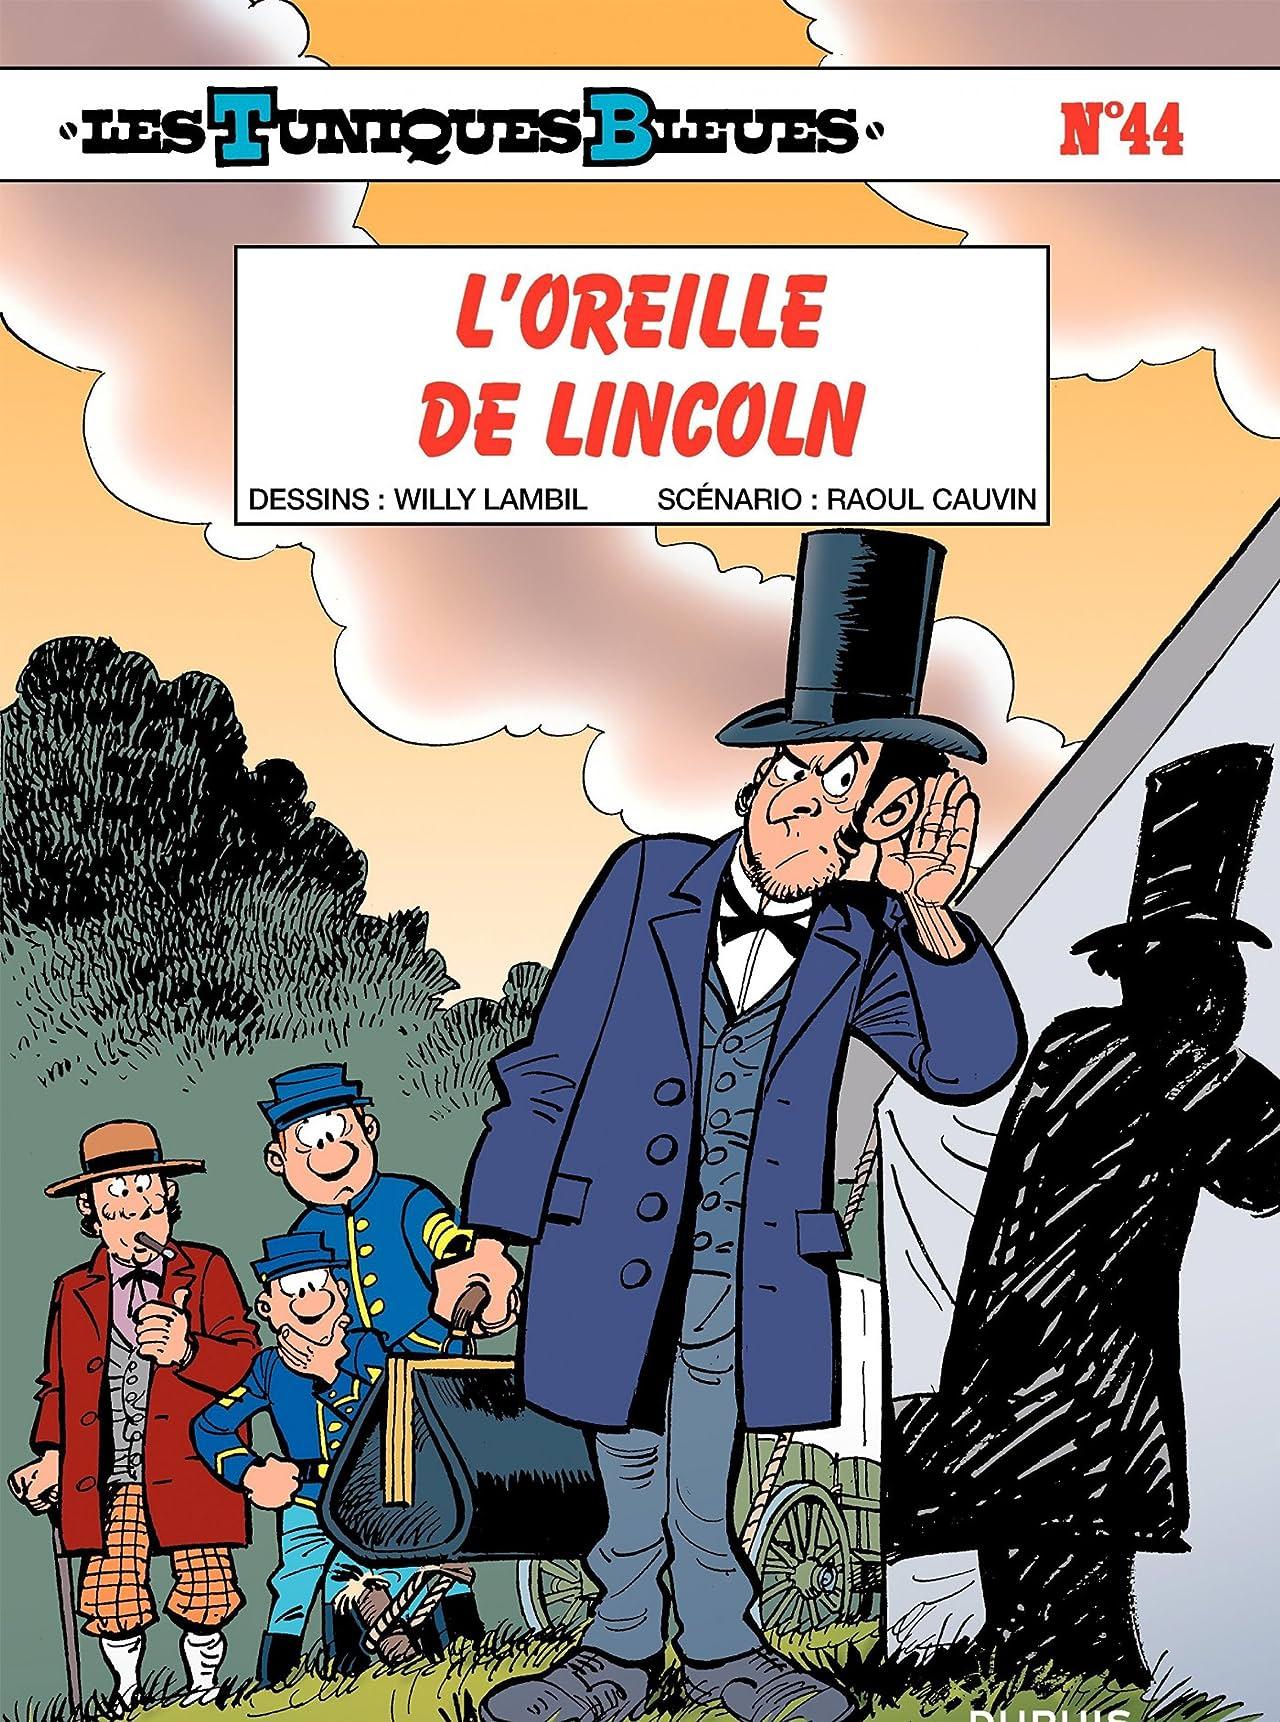 Les Tuniques Bleues Vol. 44: L'OREILLE DE LINCOLN